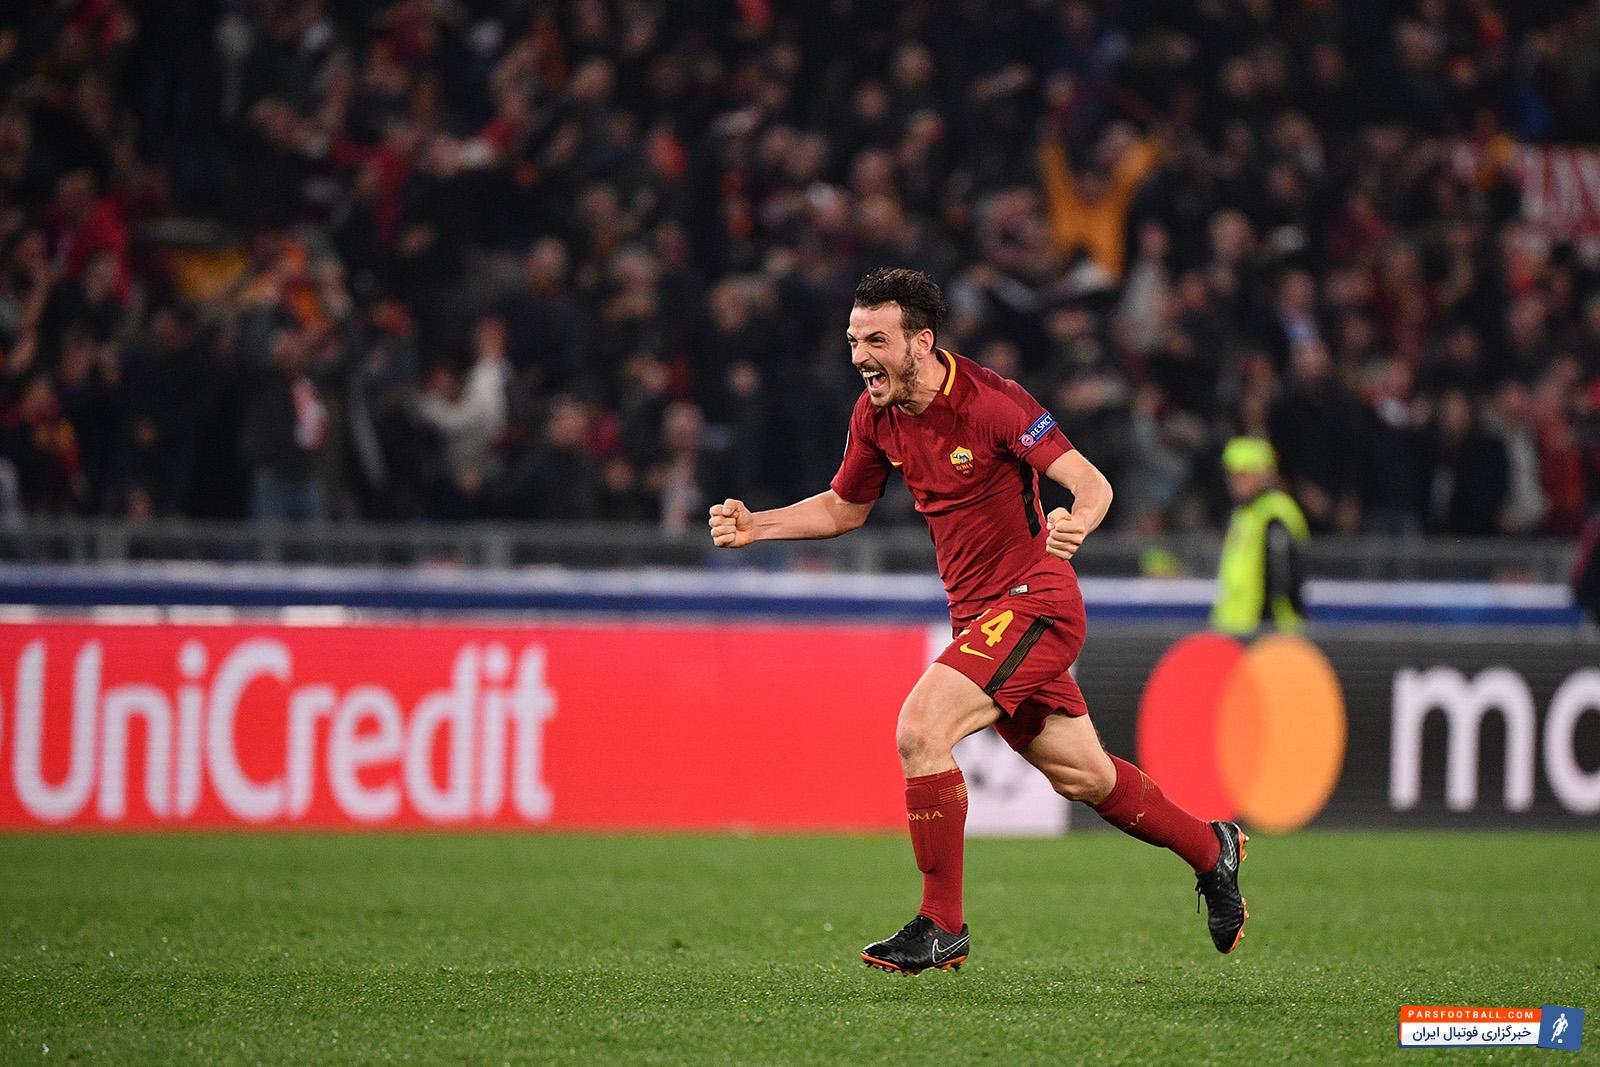 فلورنتزی بازیکن تیم فوتبال رم مورد علاقه دو تیم فوتبال میلان و اینتر قرار گرفته است